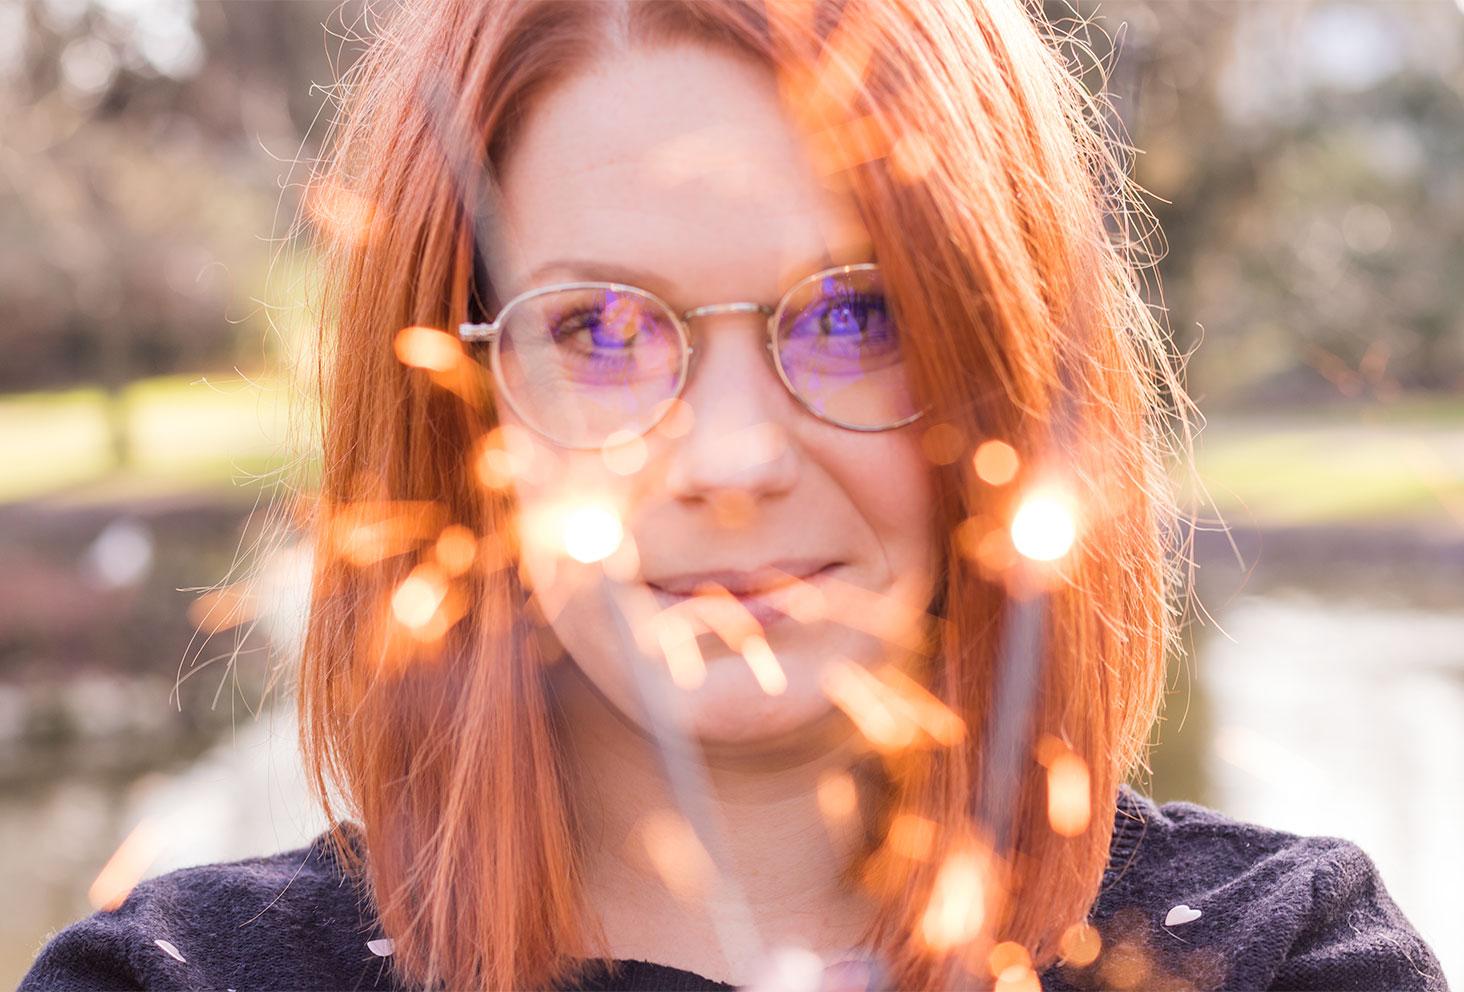 Visage de Sandie avec ses lunettes derrière une bougie magique pour la nouvelle année